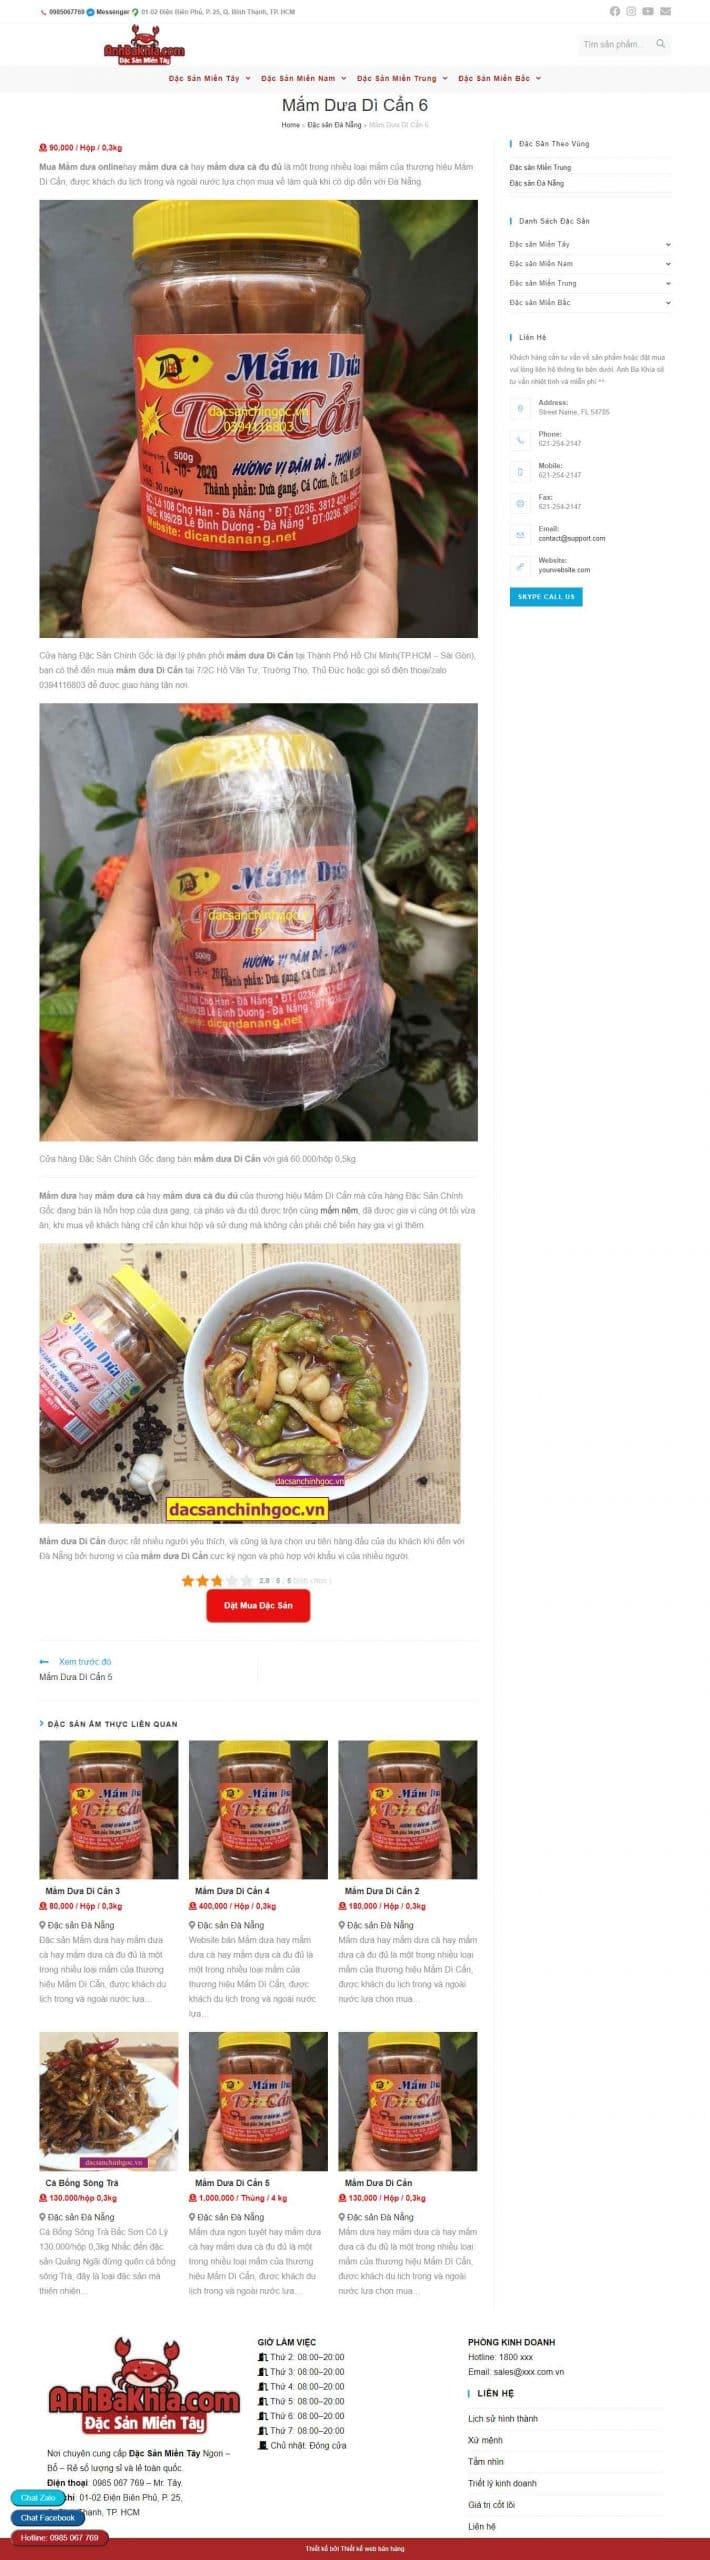 mô tả sản phẩm trên web